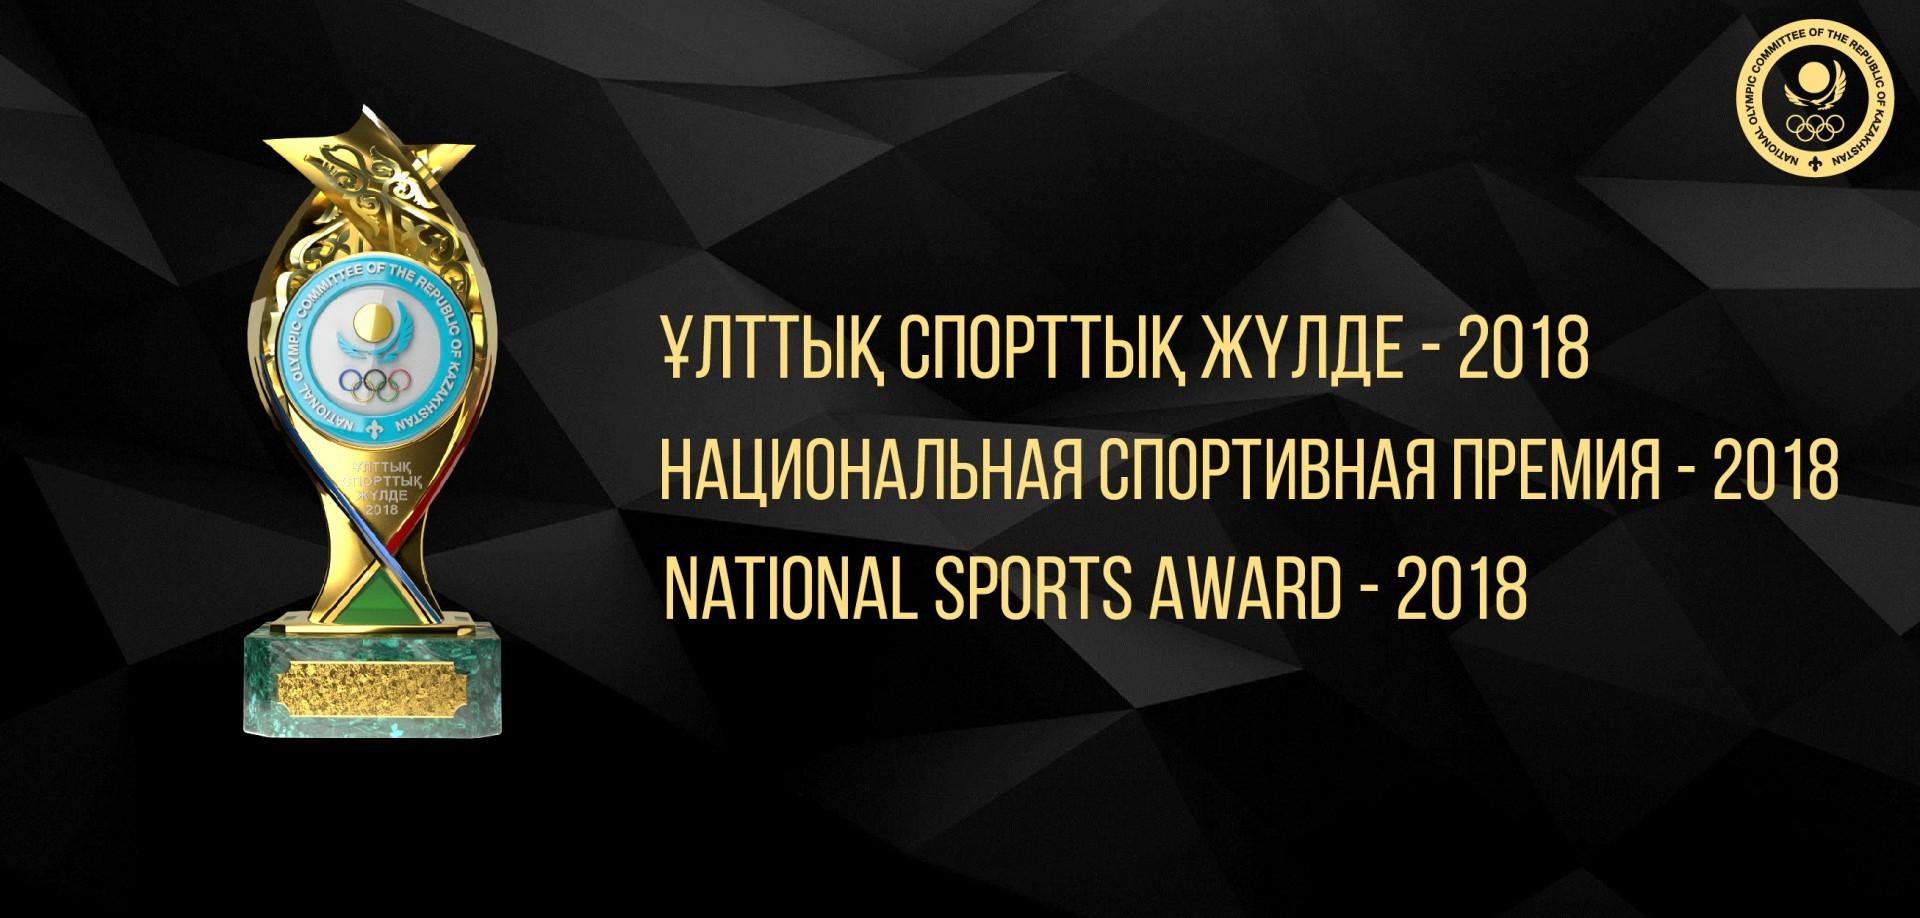 За номинантов Национальной спортивной премии – 2018 уже проголосовало более 100 тыс. человек